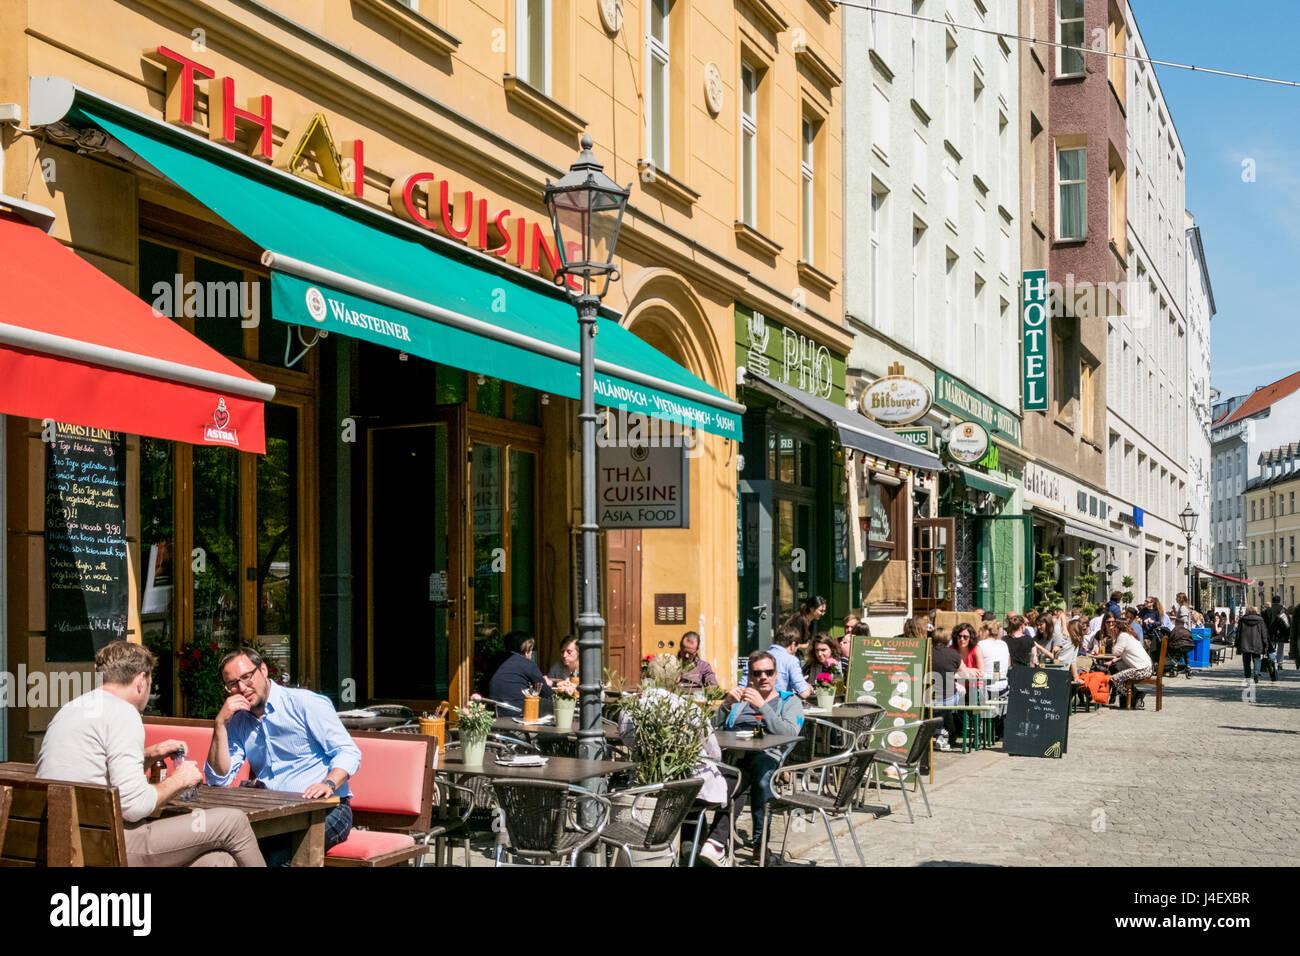 berlin deutschland 11 mai 2017 leute sitzen in restaurants und caf s in den stra en von. Black Bedroom Furniture Sets. Home Design Ideas